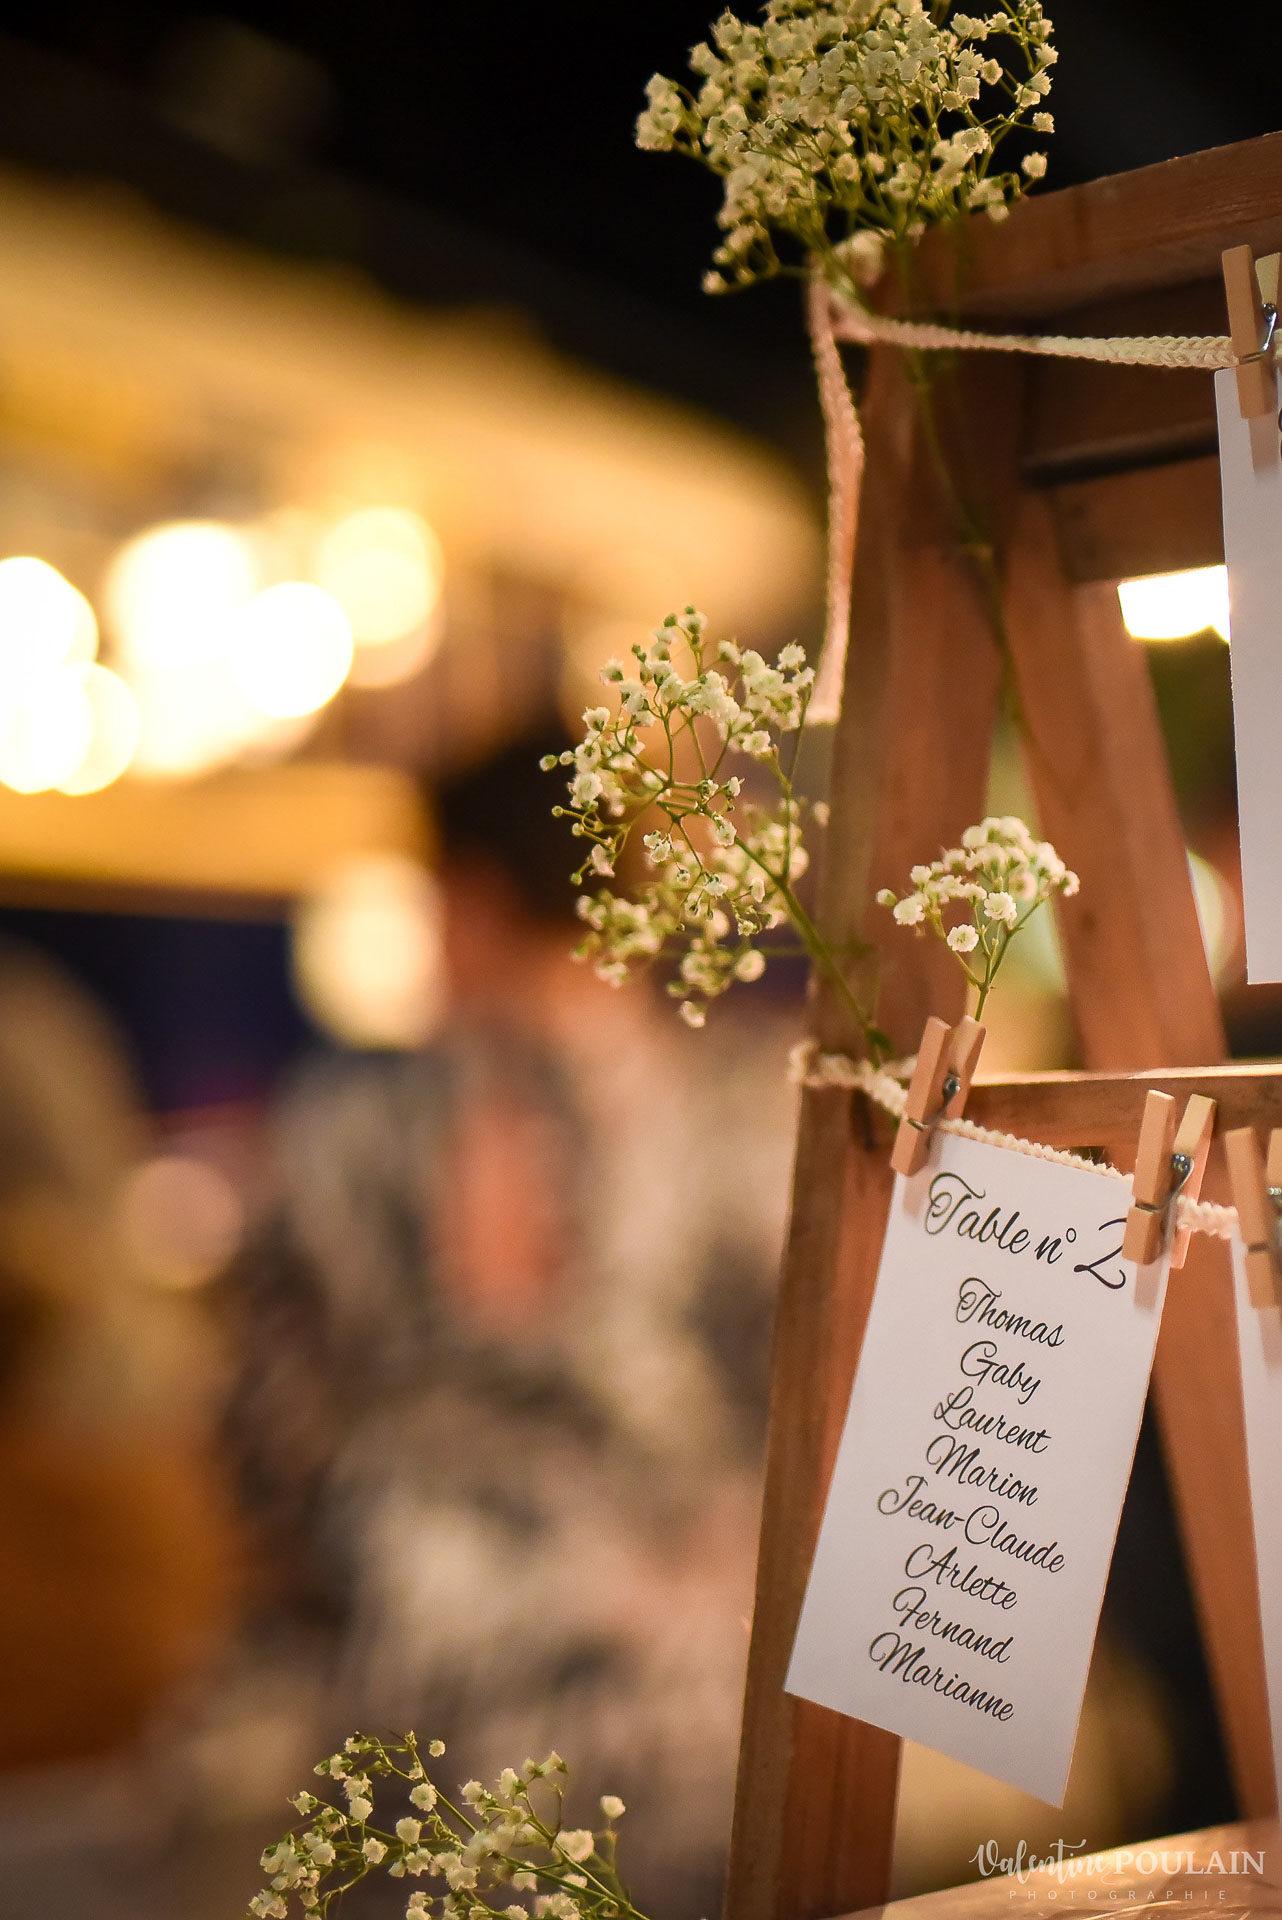 Mariage cité du train nom tables - Valentine Poulain